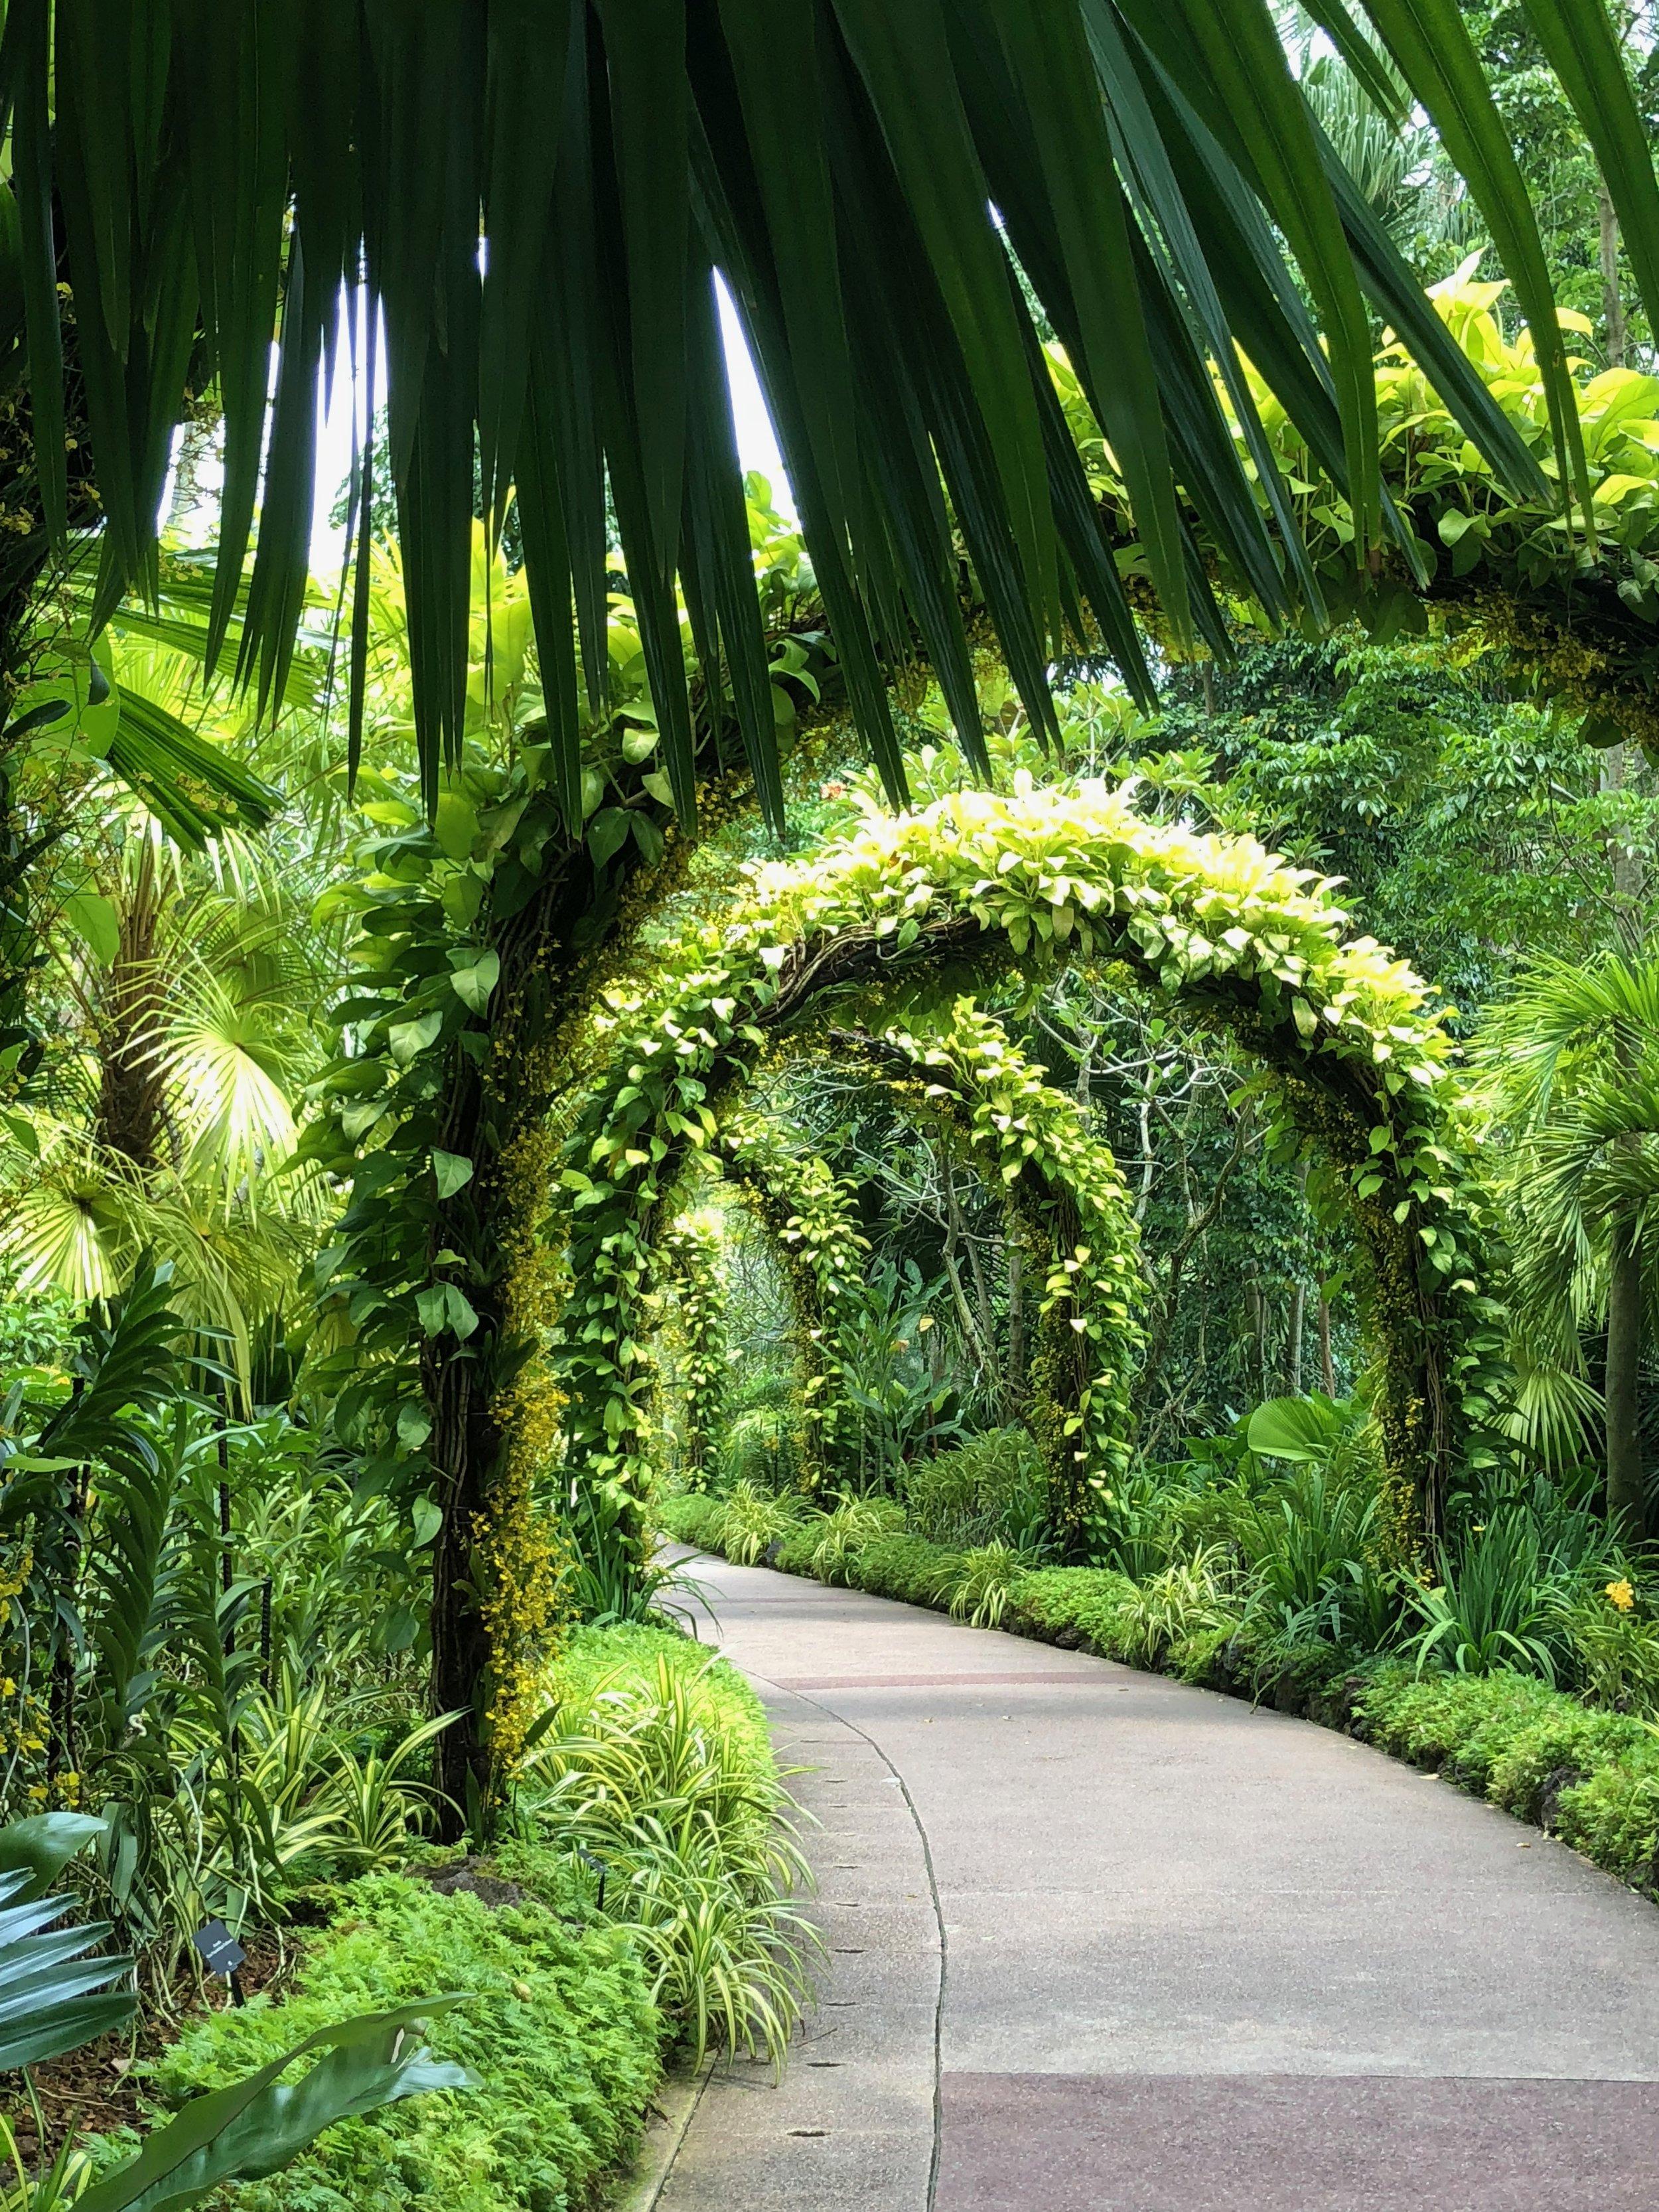 Un arco de plantas en el jardín privado de orquídeas. No se puede ver ningunos de los rascacielos.